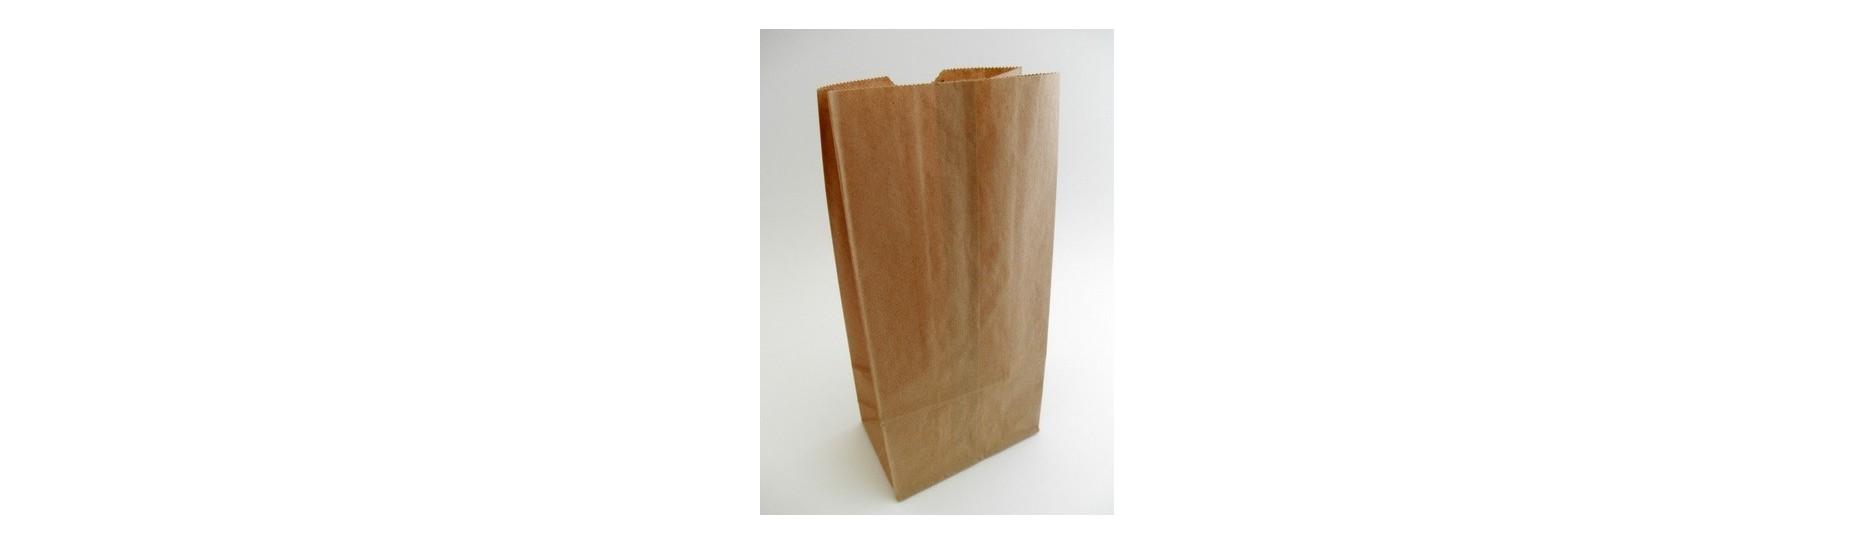 Kvalitní papírové tašky za nízké ceny. Papírové tašky mají celou škálu využití jak v průmyslu, v obchodech, tak v domácnosti. Papírové tašky jsou ekologické, vyrobené z recyklovaného materiálu.